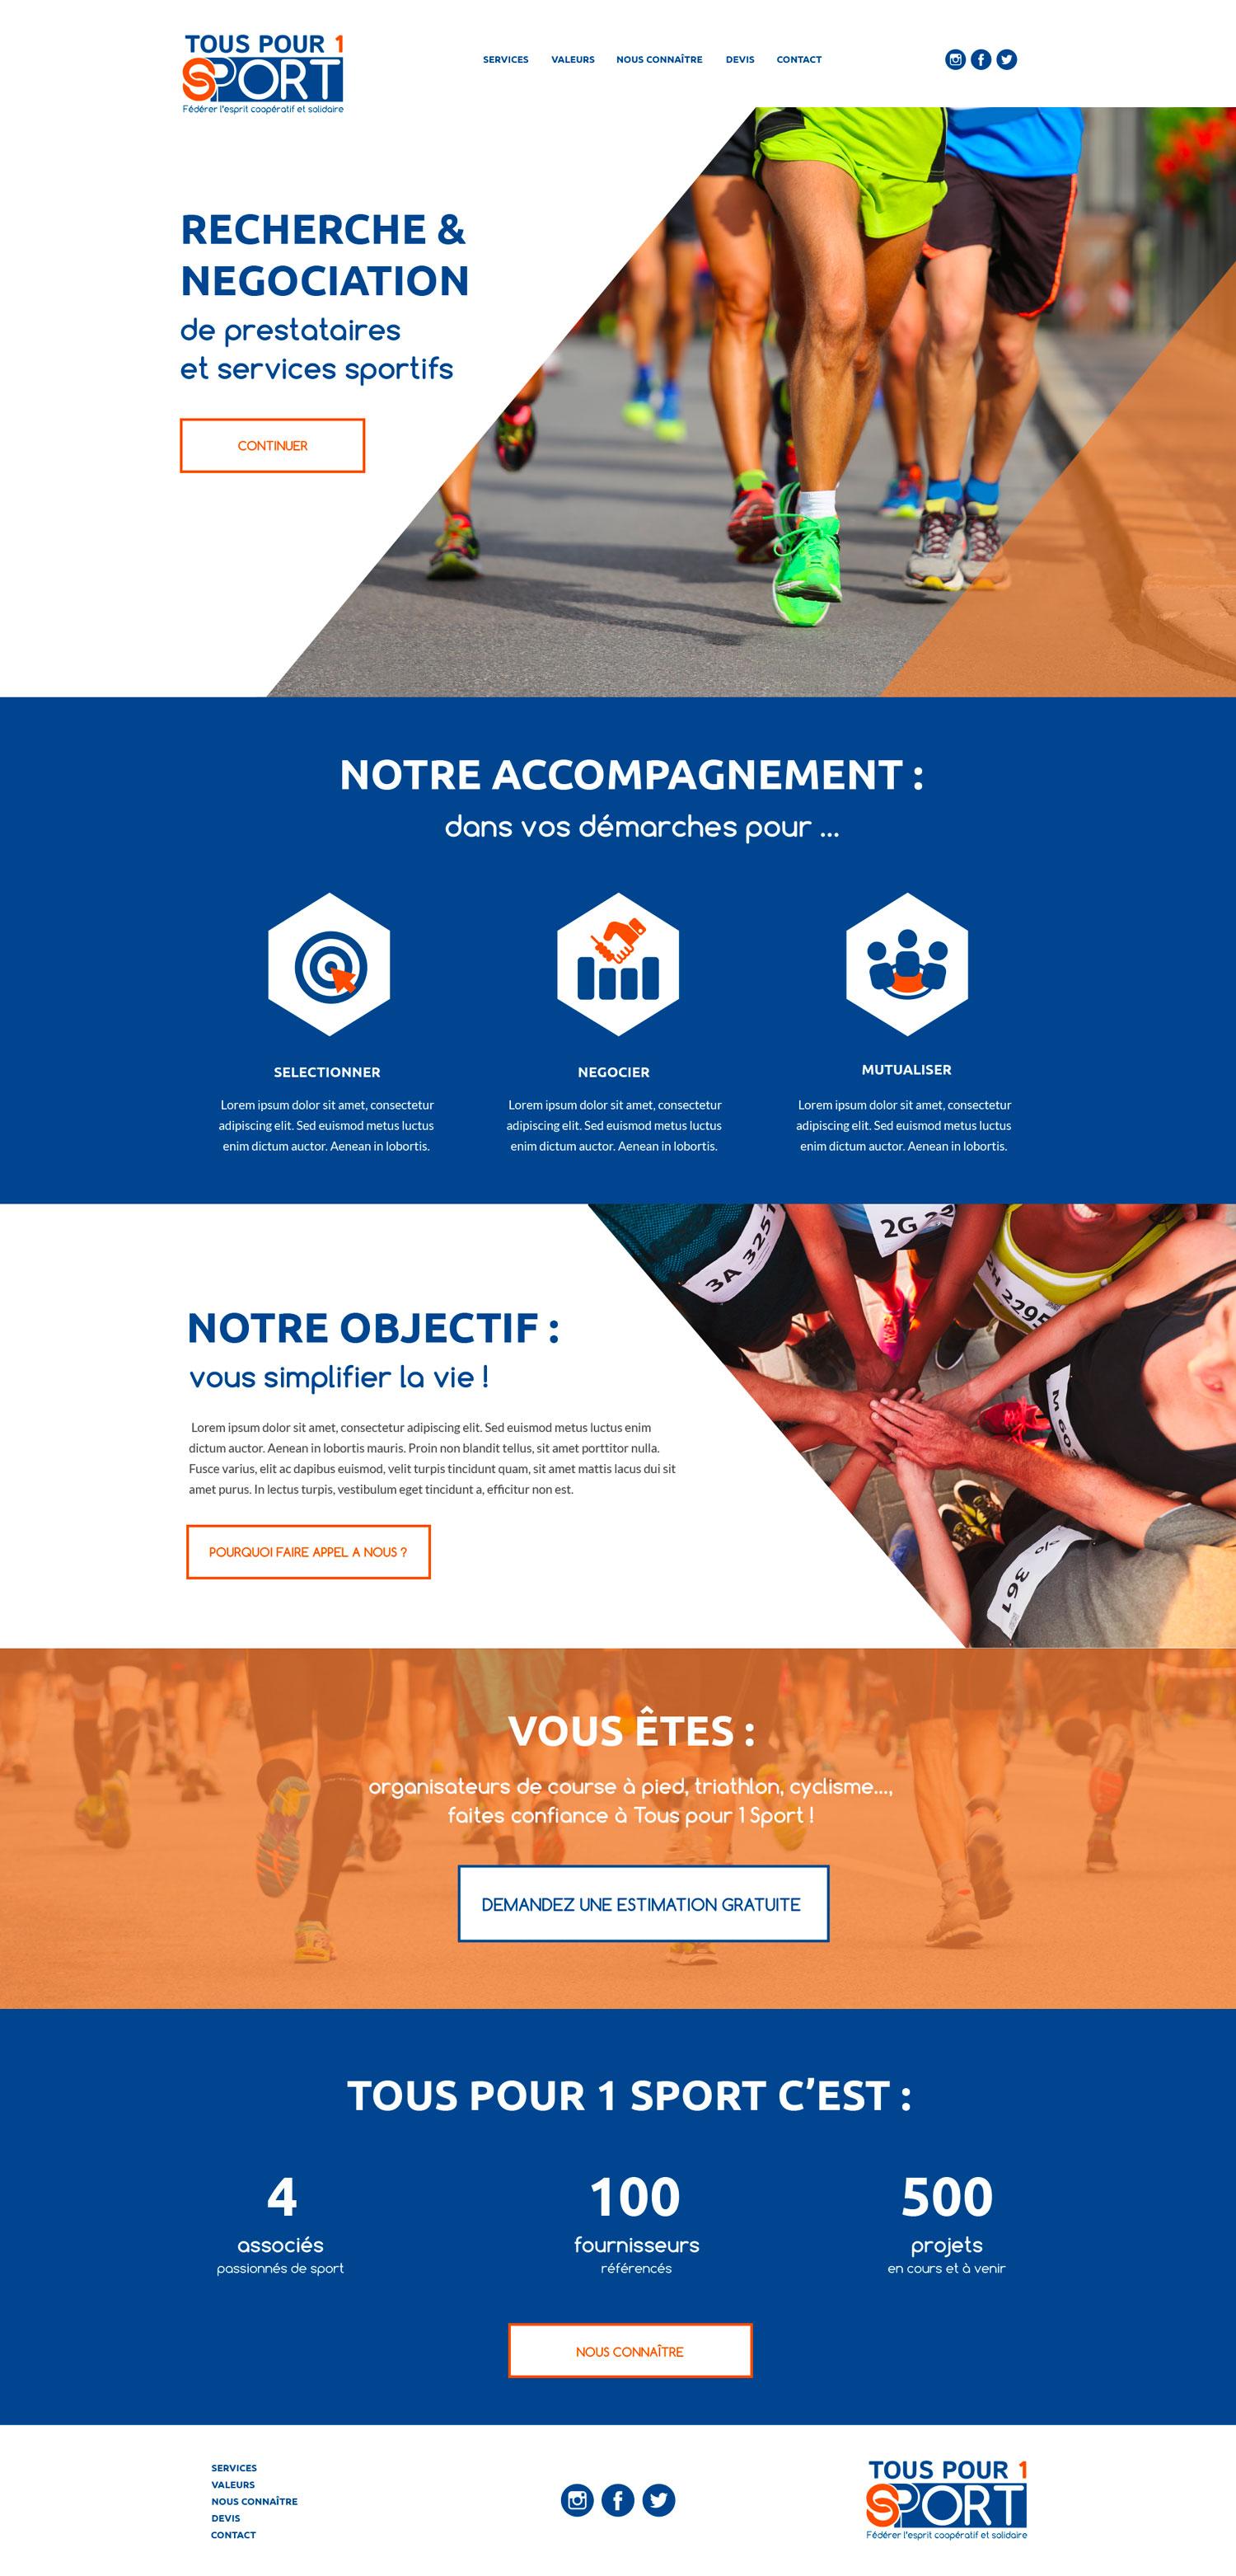 site Internet Tous pour 1 Sport